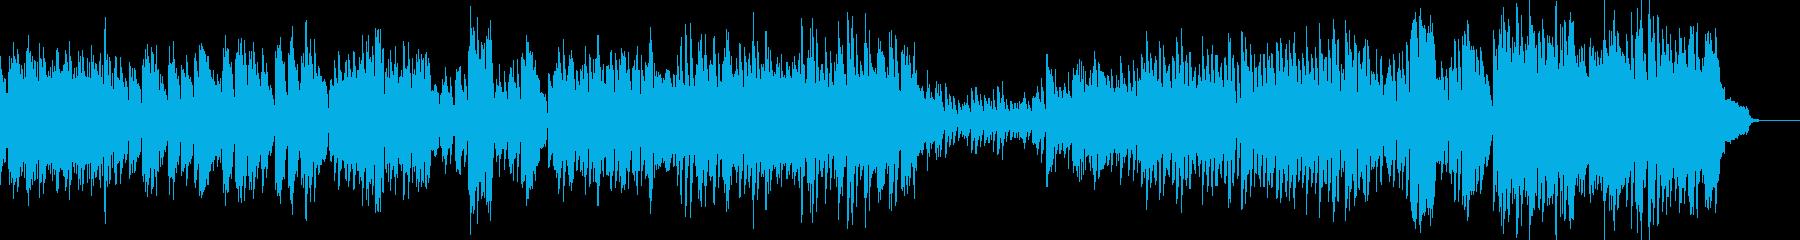 絵本がテーマ・ピアノソロからクラシカルへの再生済みの波形